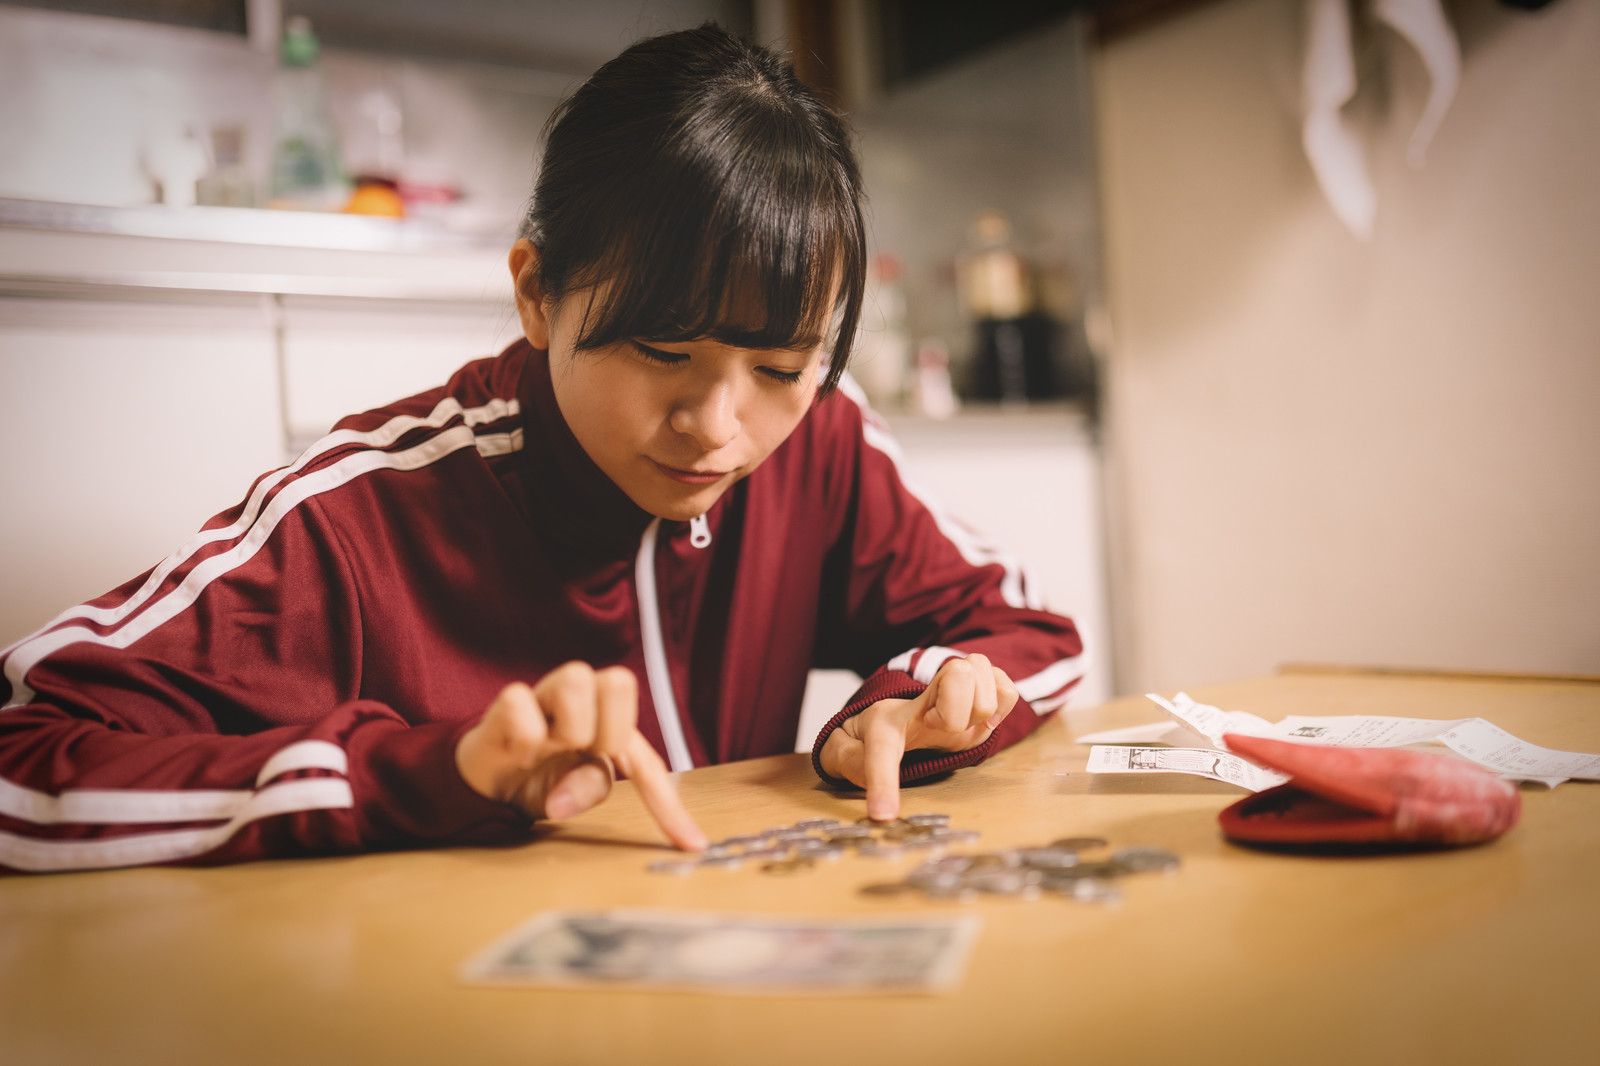 月3万円の貯金も可能!貯金成功につながる生活習慣